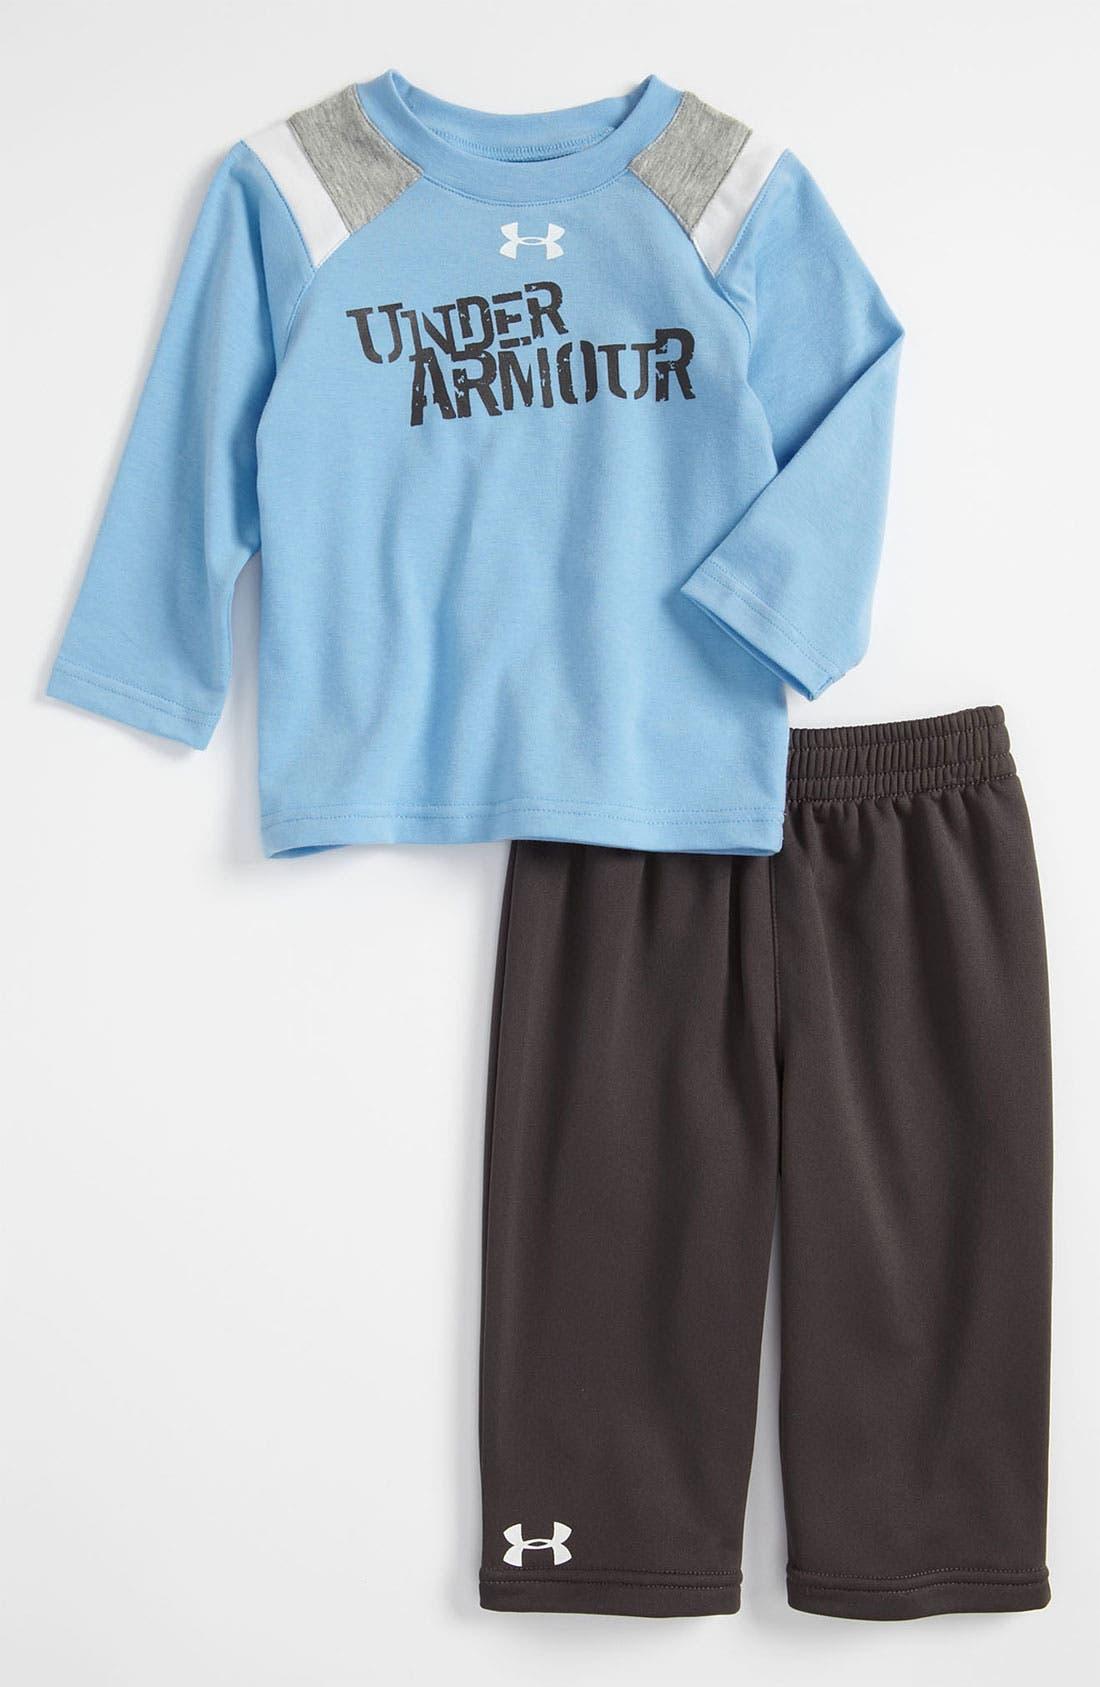 Main Image - Under Armour T-Shirt & Pants (Infant)